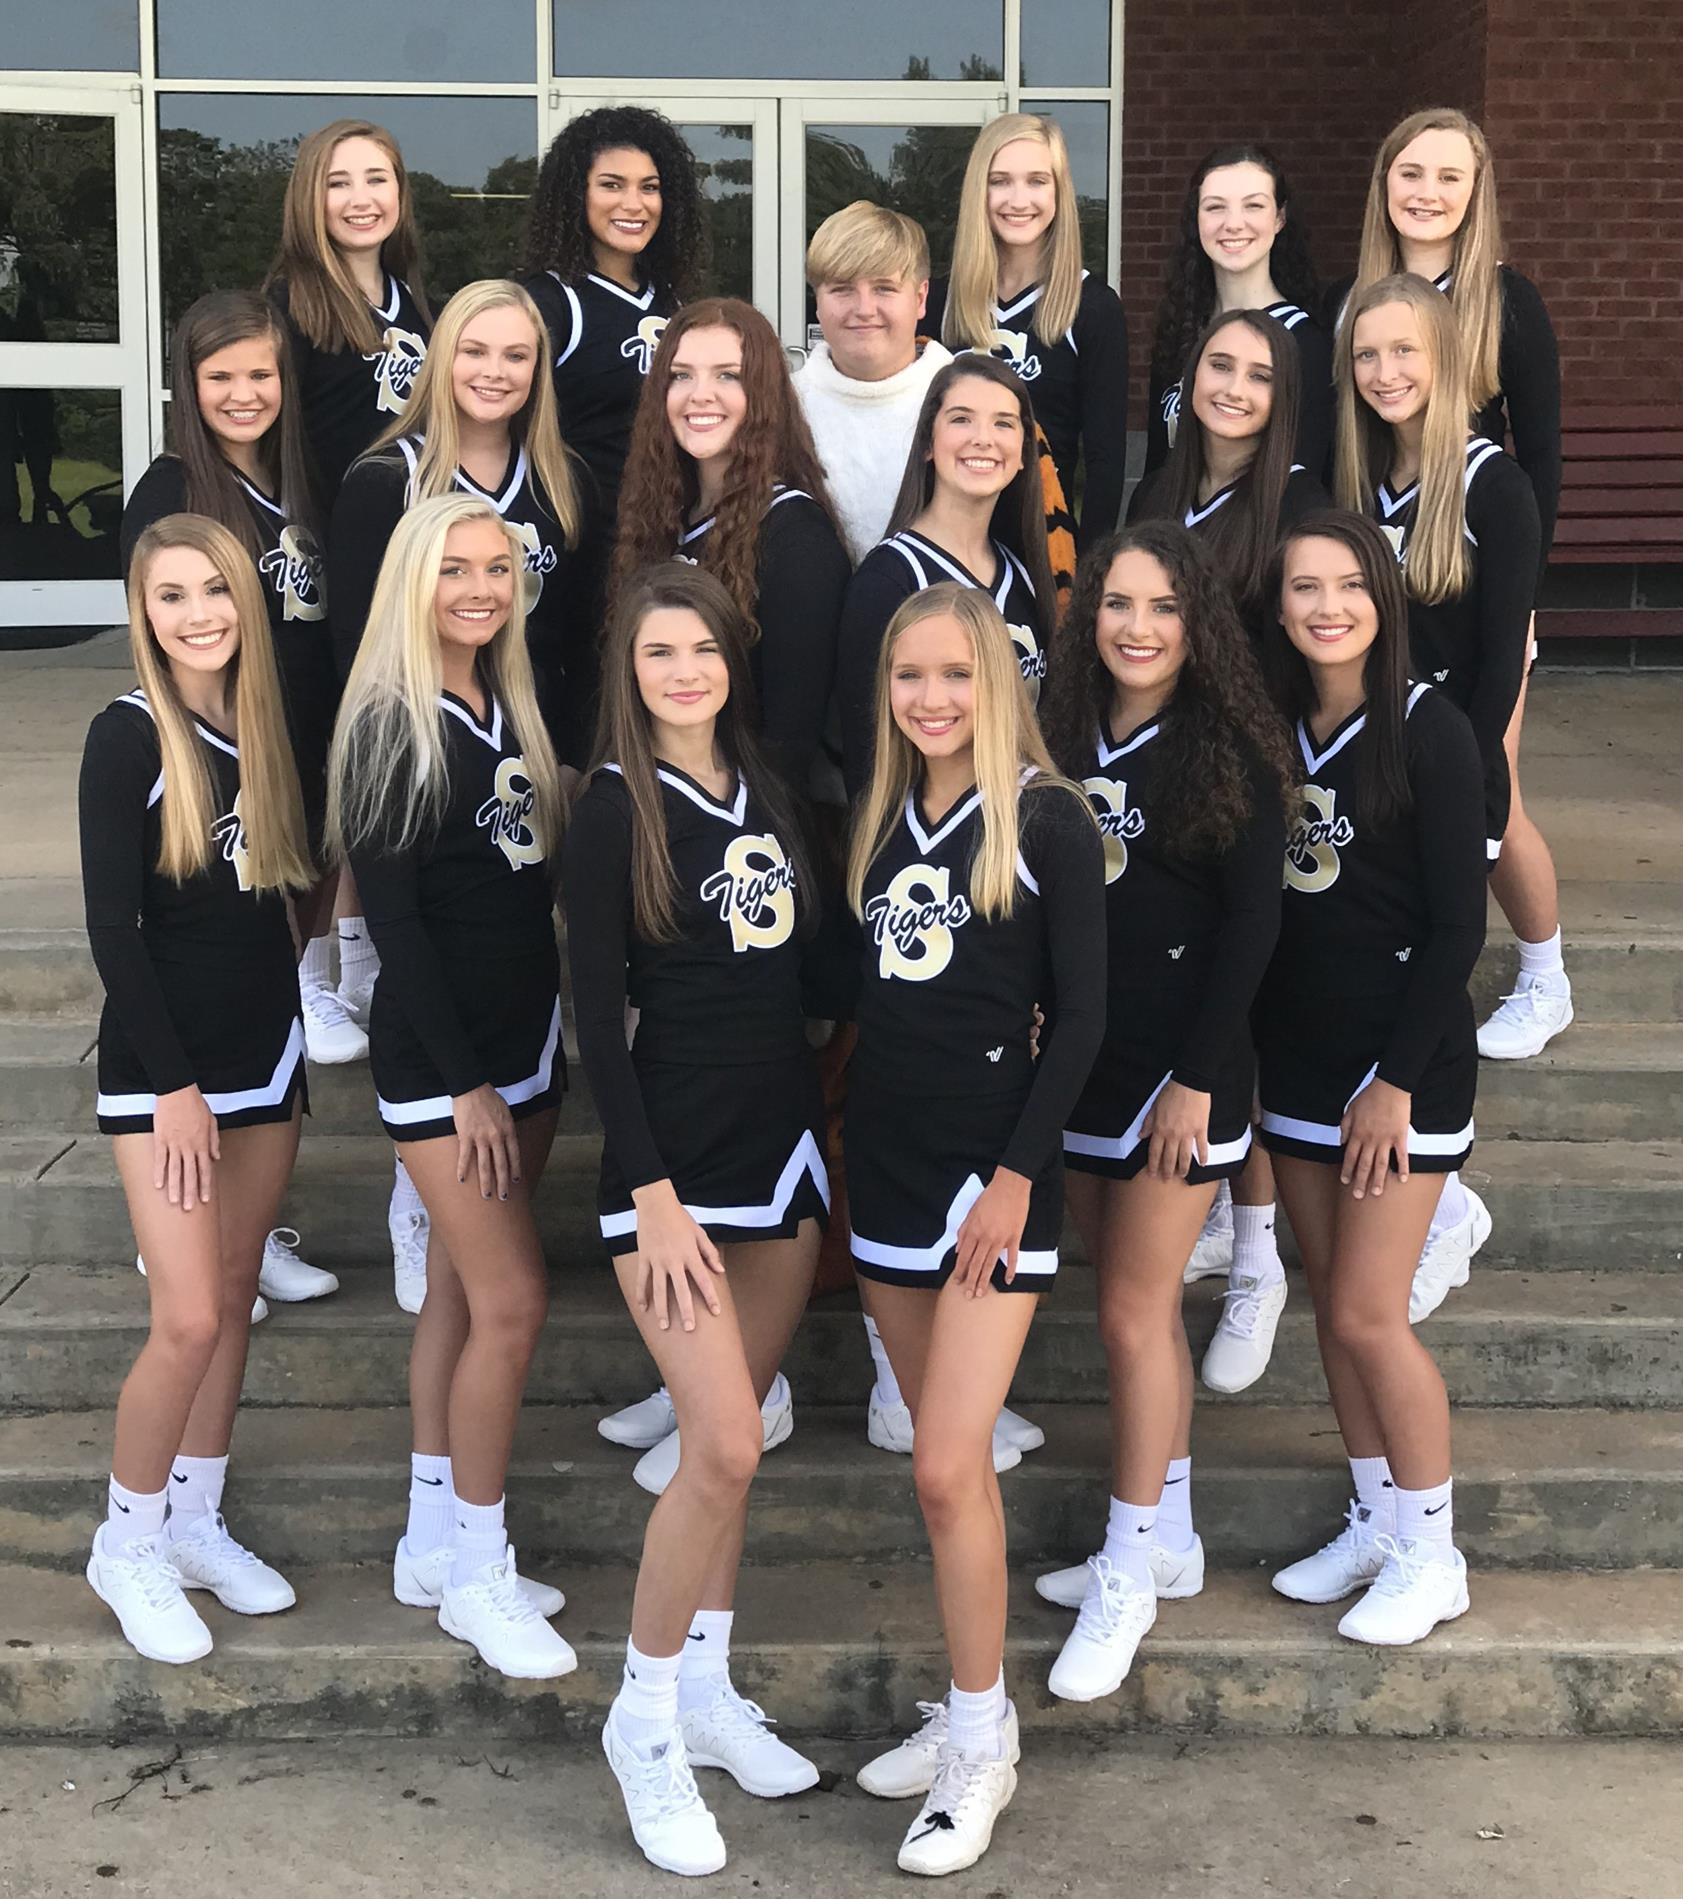 2020-2021 Varsity Cheerleaders